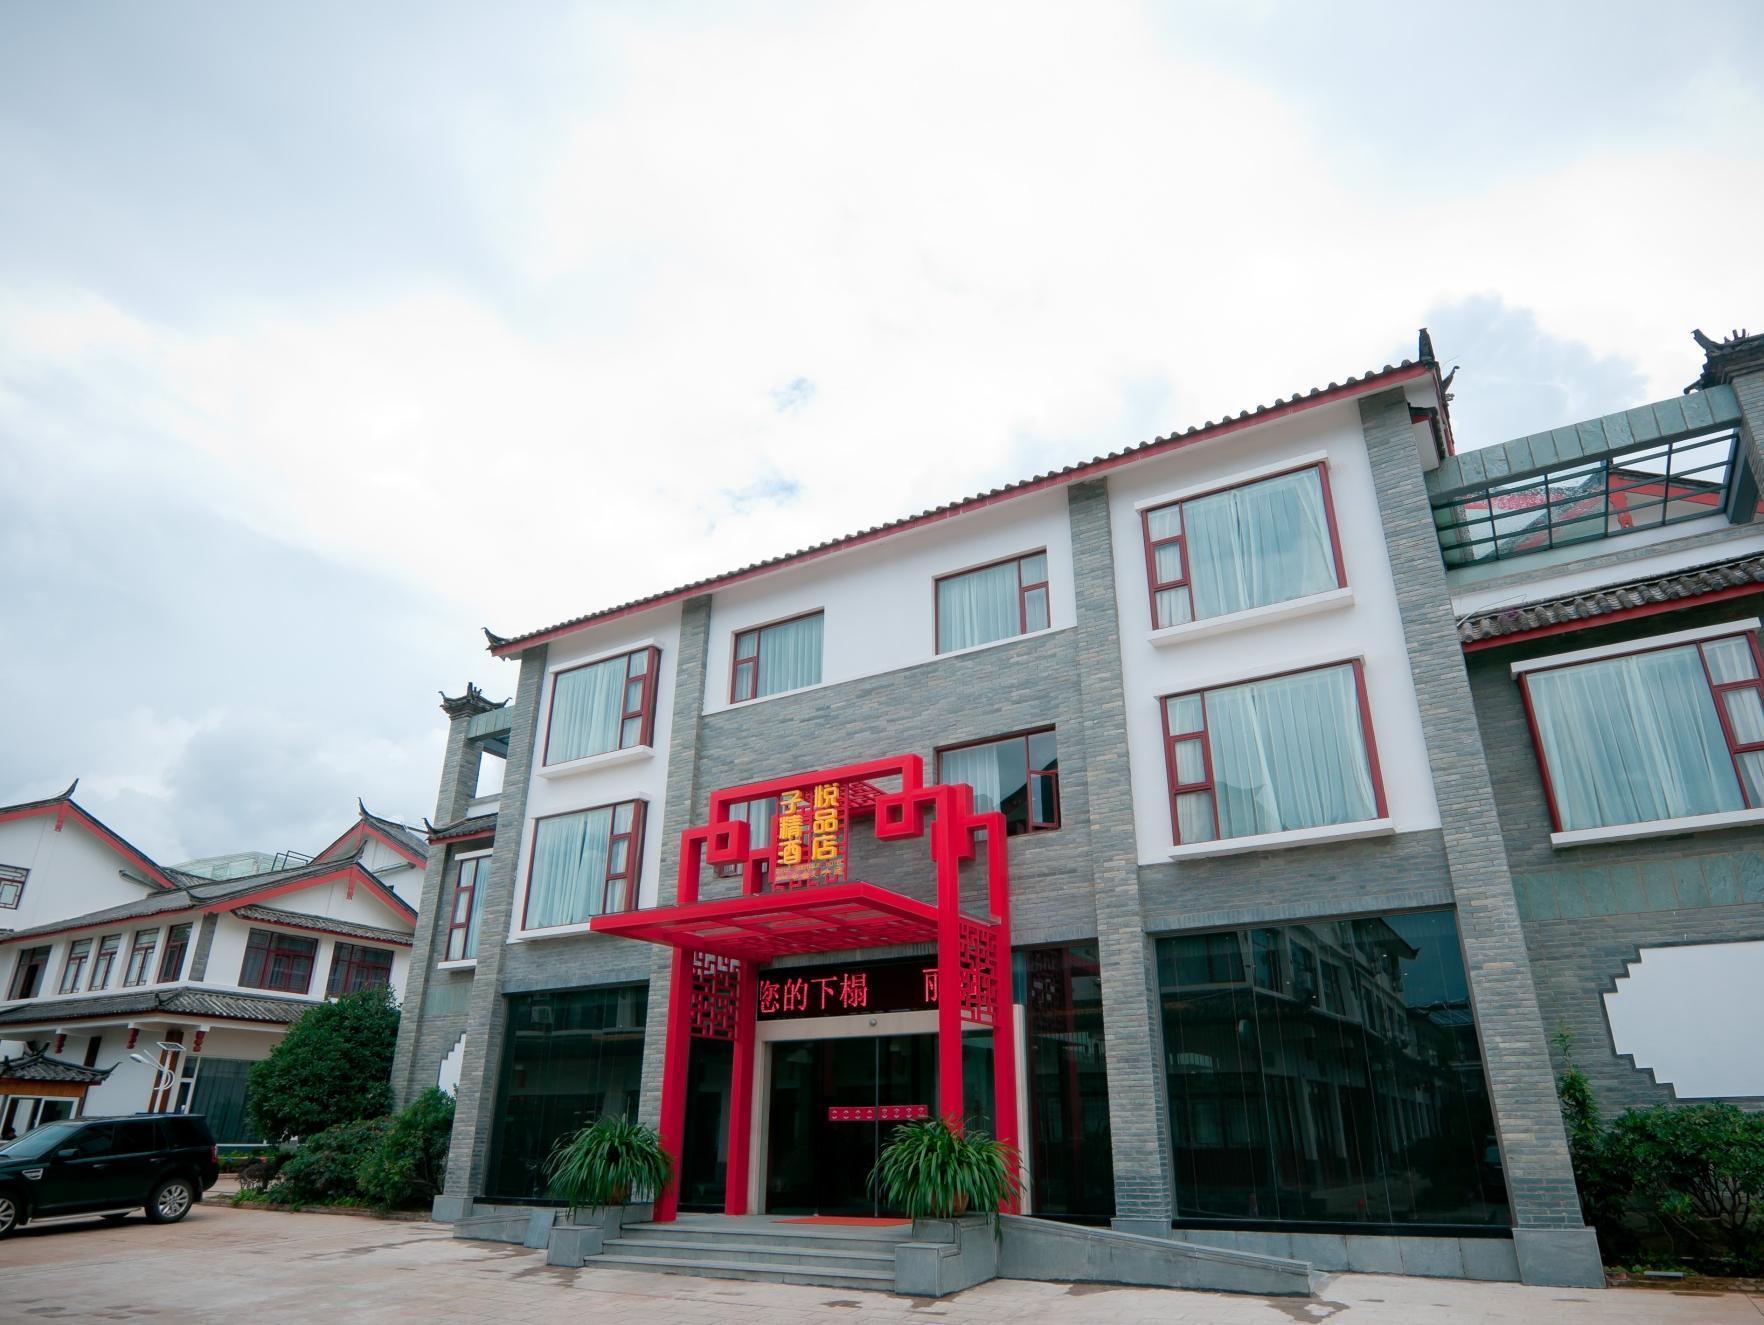 Lijiang Ziyue Hotel - Lijiang